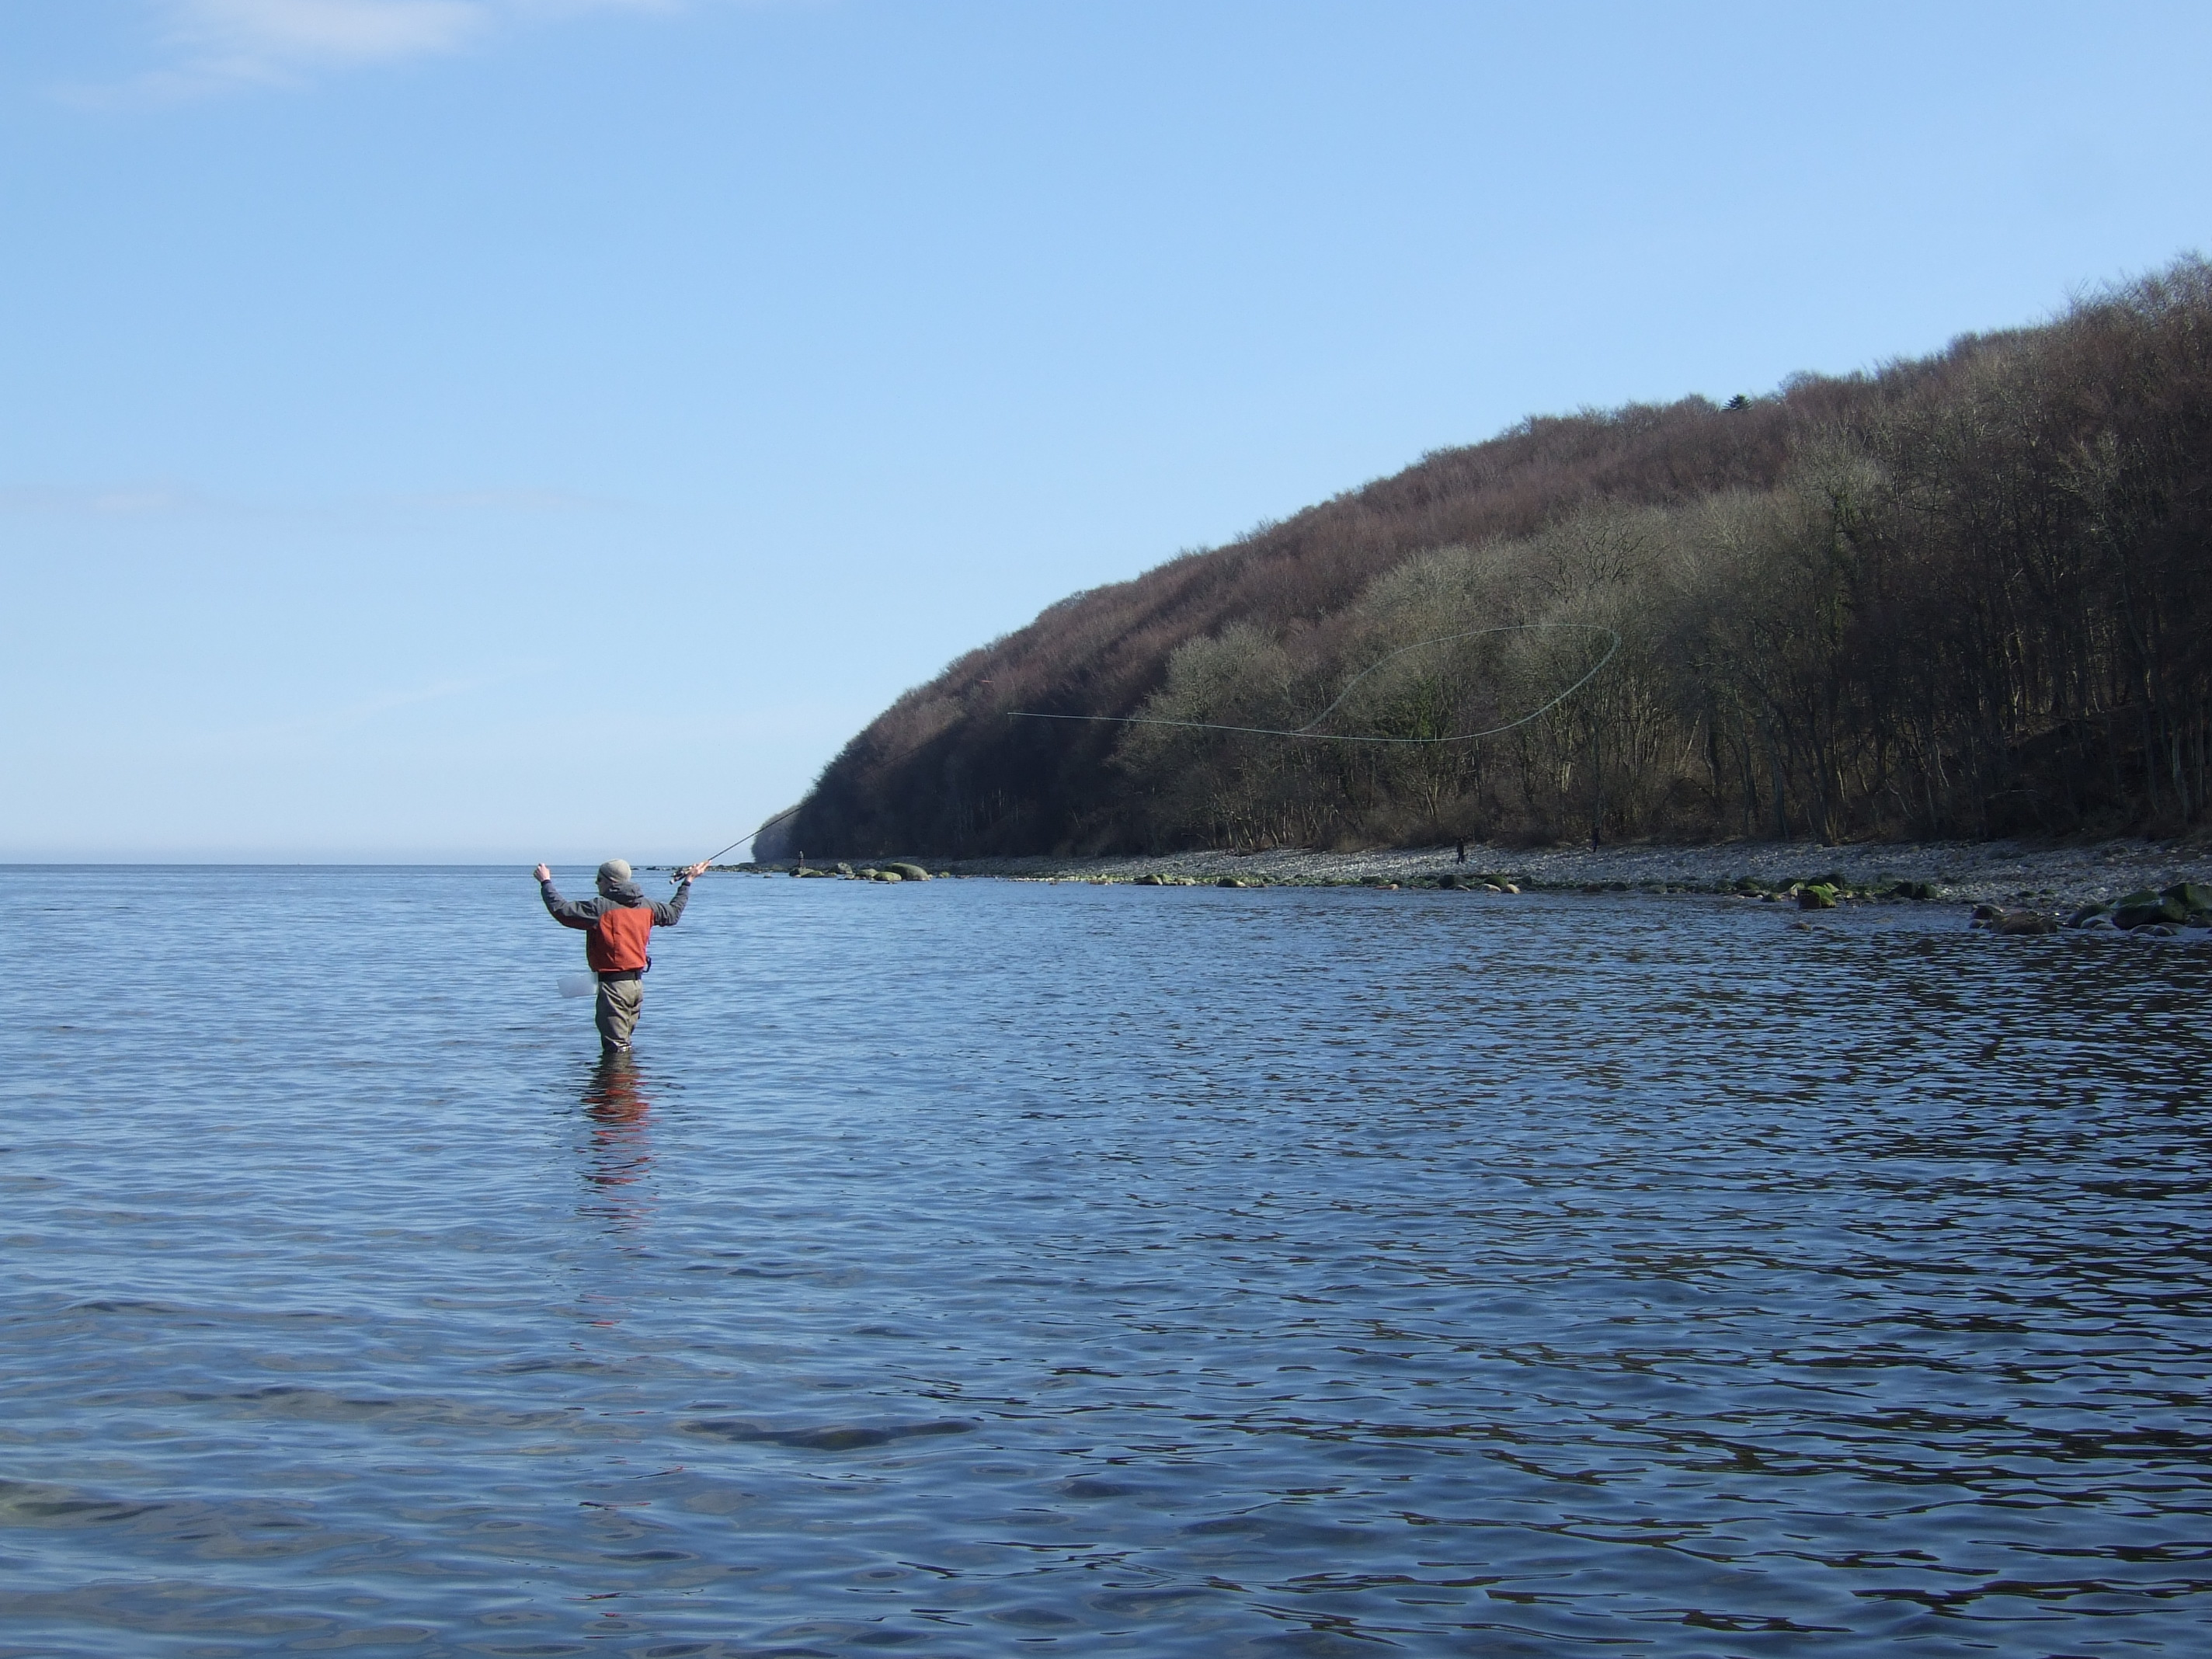 Küsten-Strategien der Meerforellen im Frühjahr - BLINKER